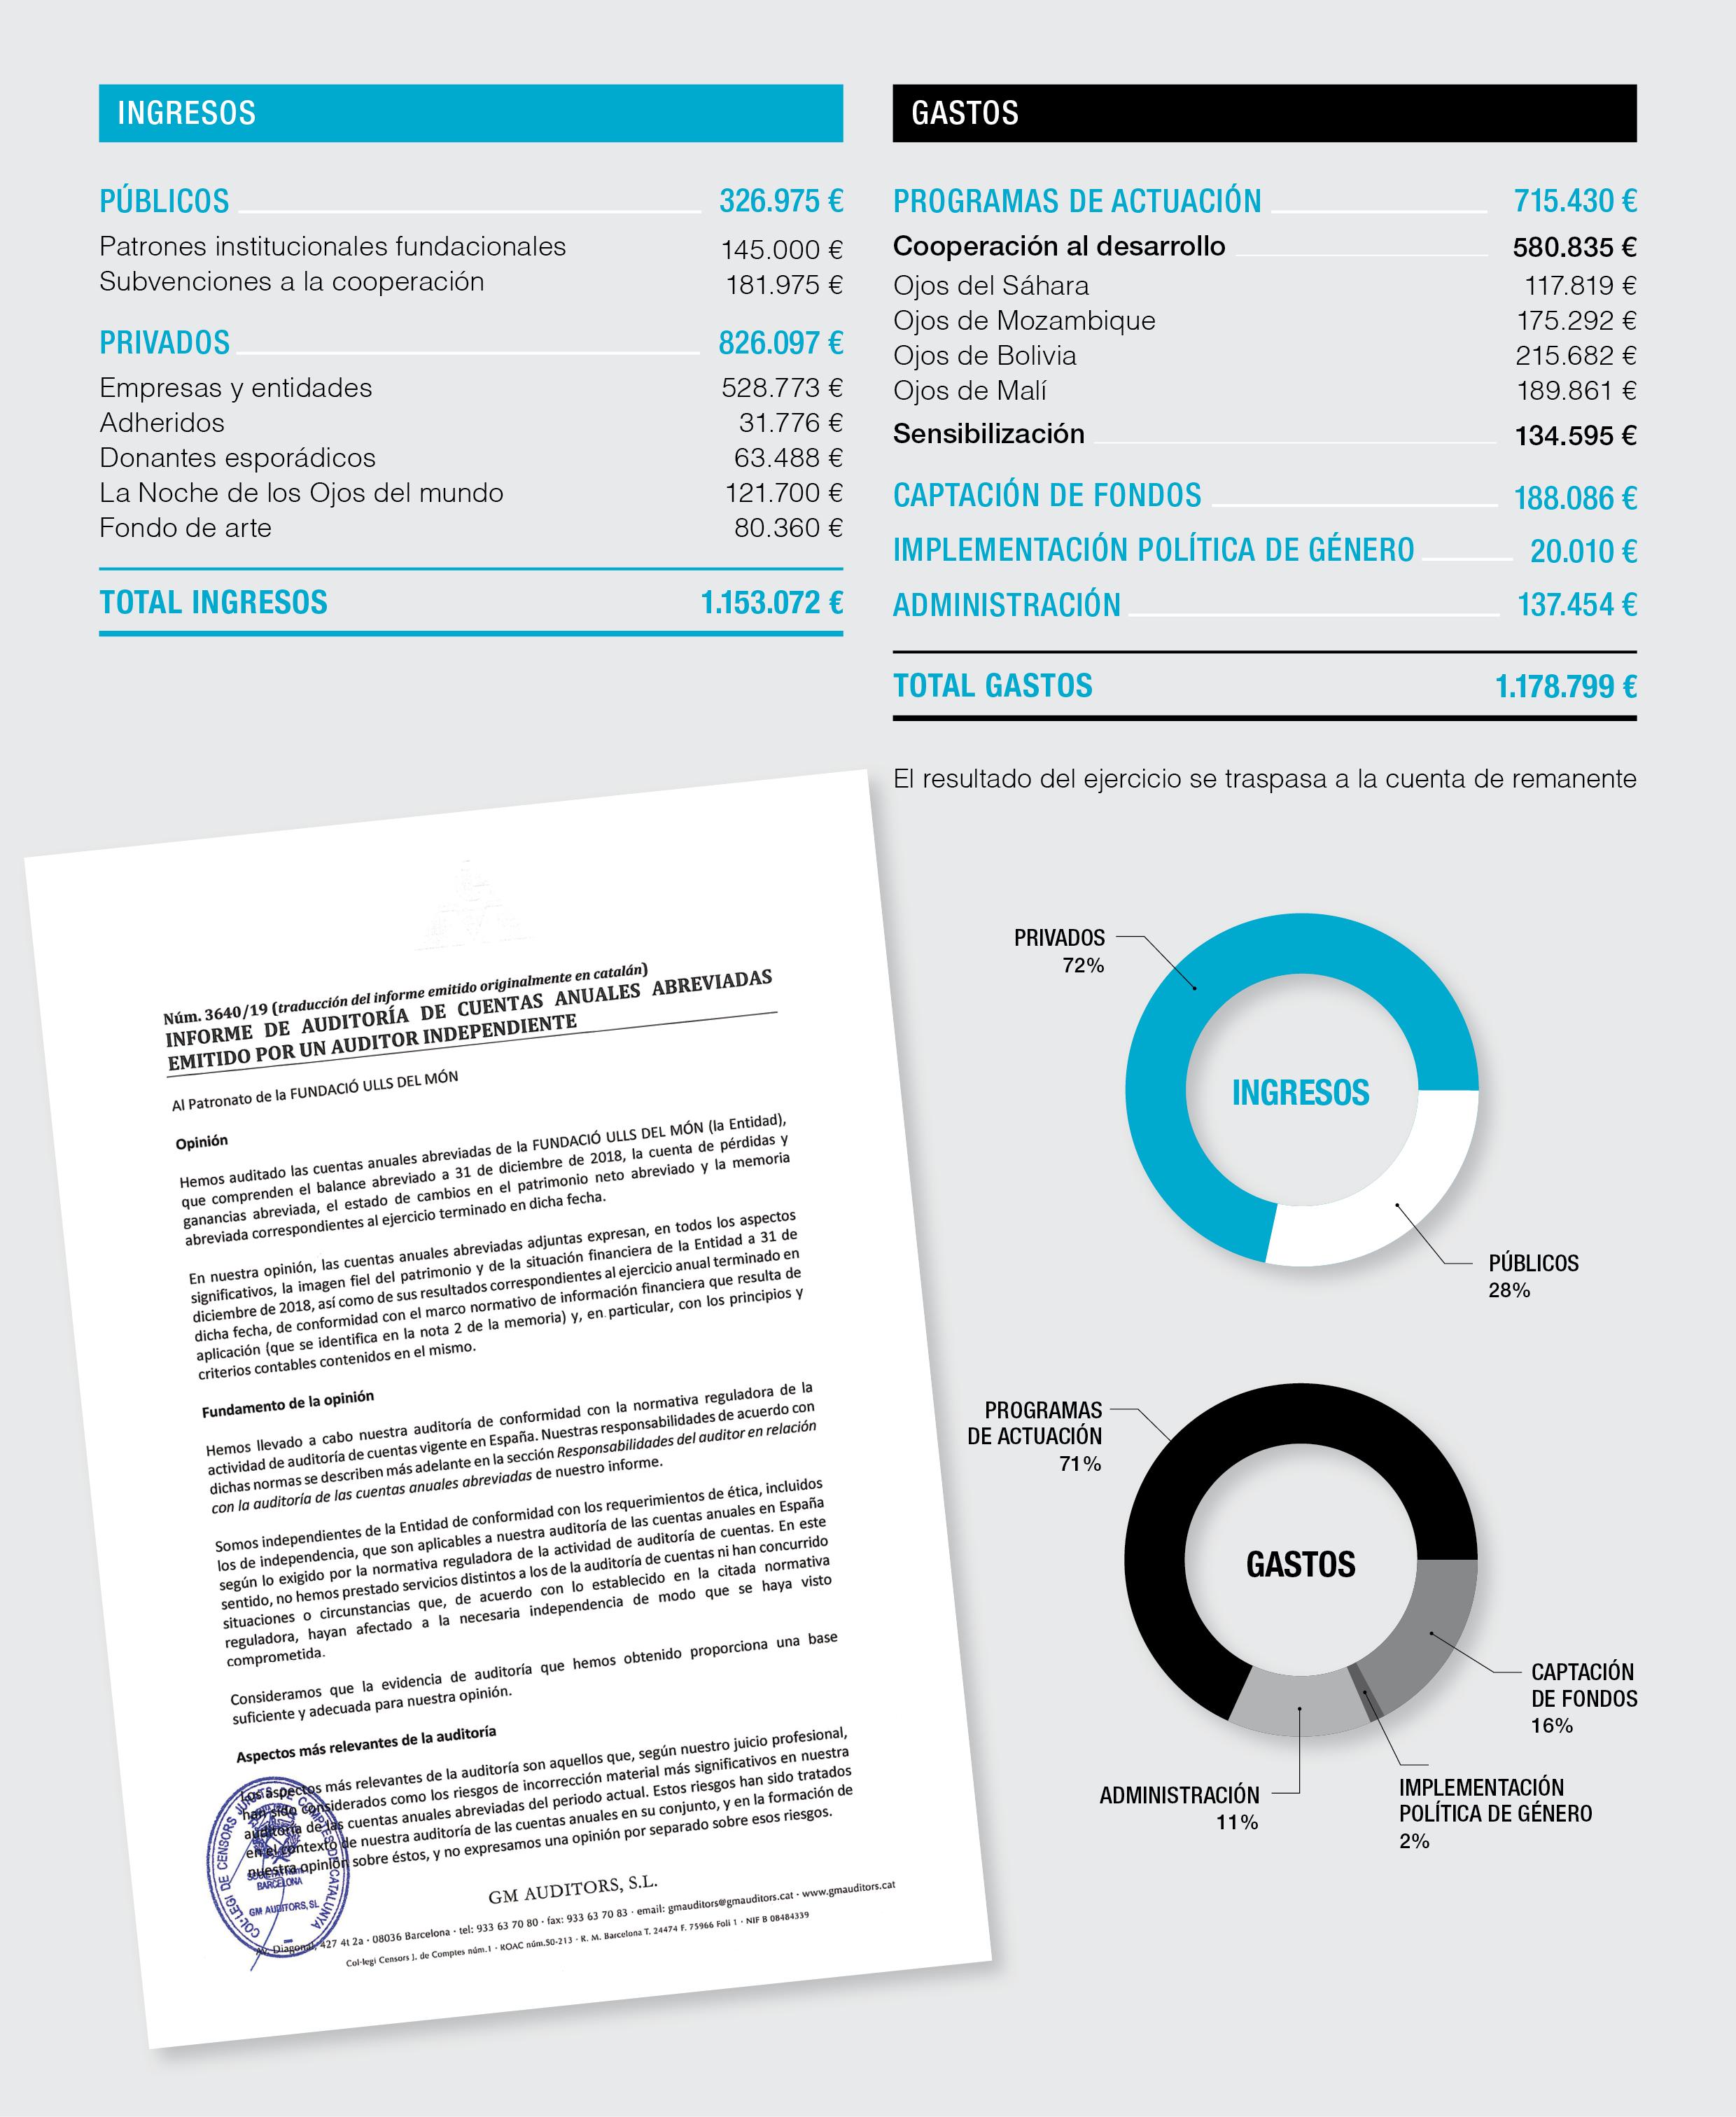 Cuentas anuales 2018 de la Fundación Ojos del mundo